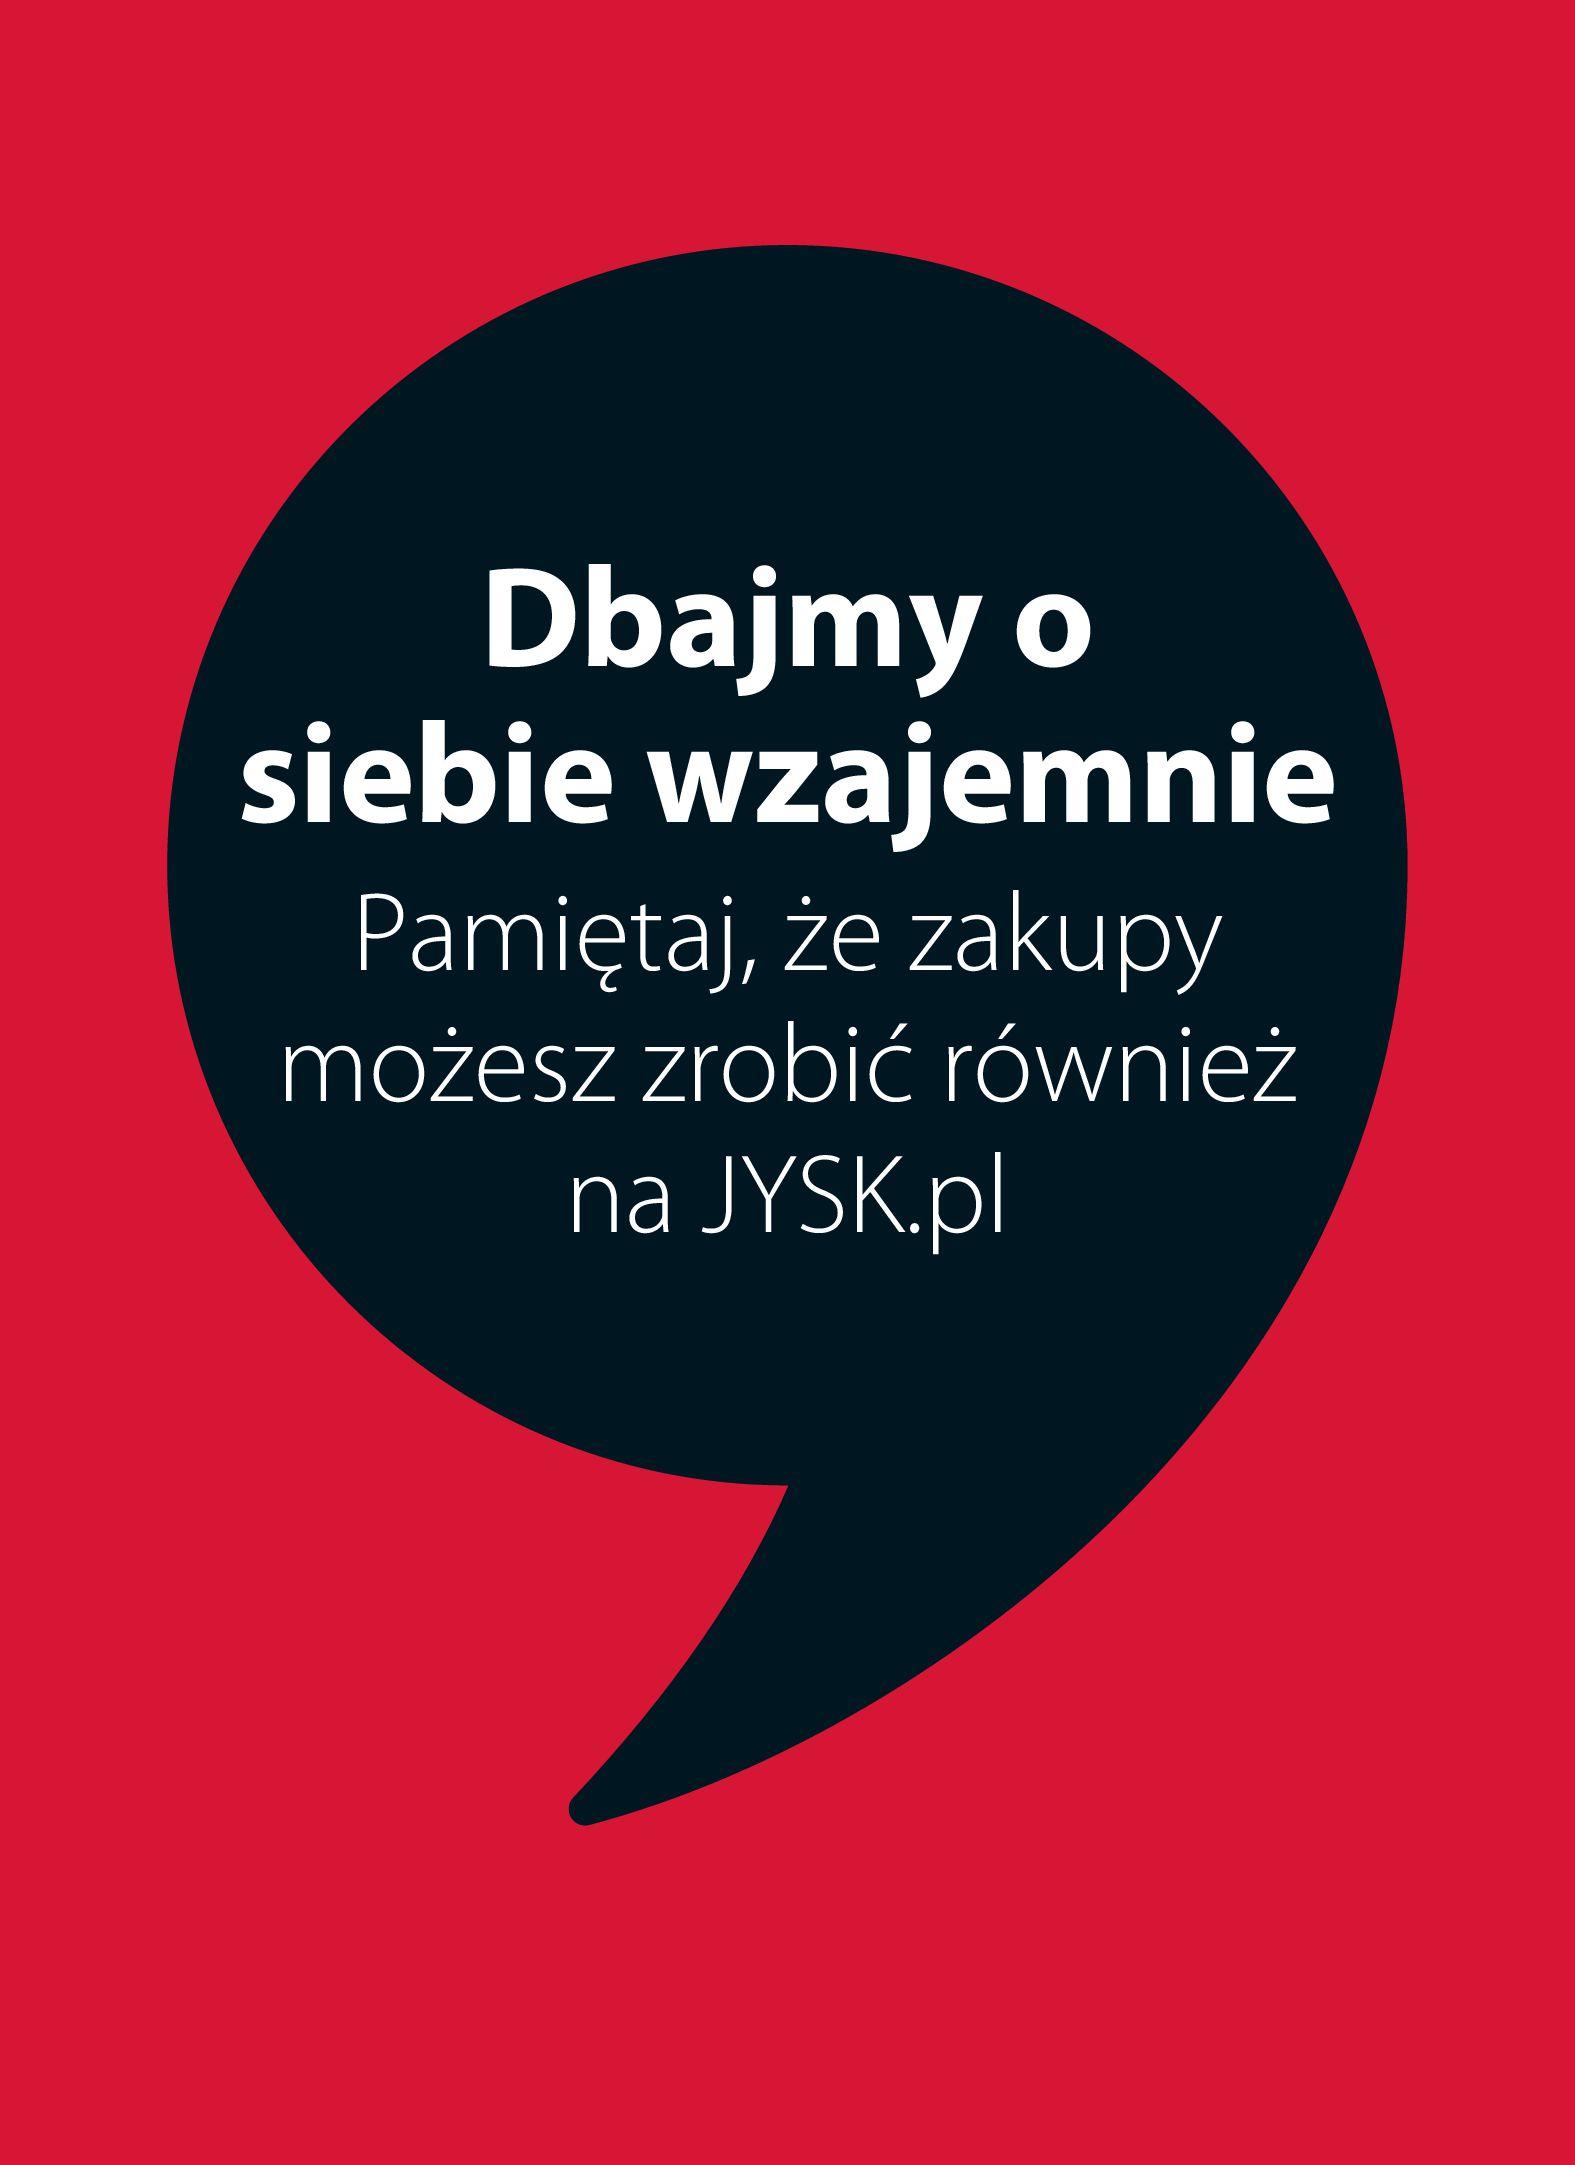 Jysk:  Gazetka Jysk - czerwiec 08.06.2021